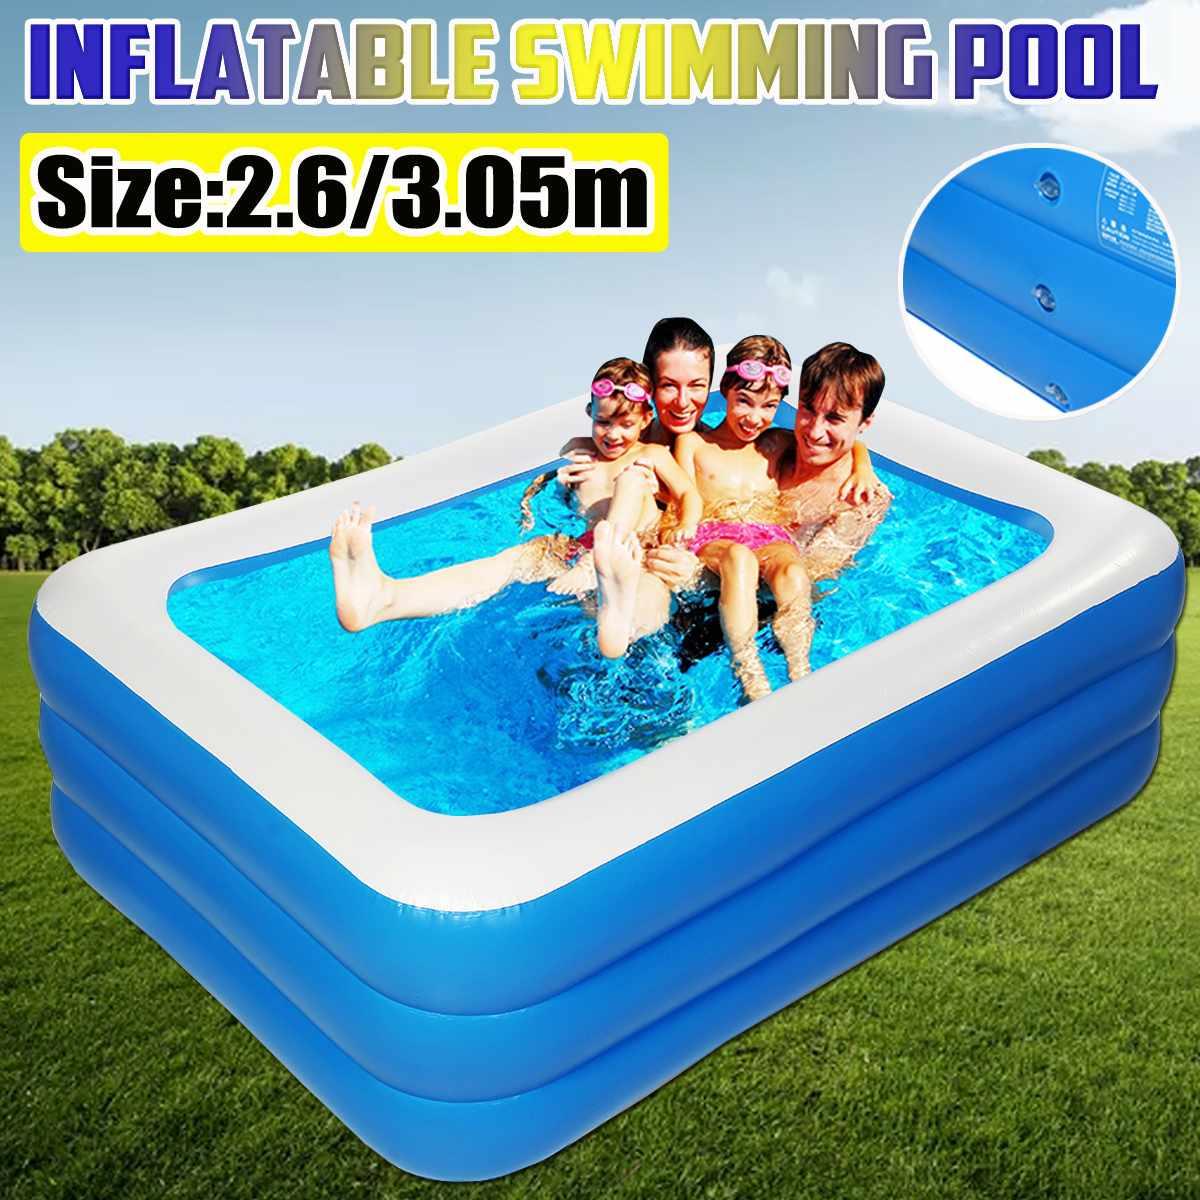 مسبح كبير قابل للنفخ من 3 طبقات للكبار والأطفال ، مسبح خارجي وداخلي ، لعبة مائية ، 3.05 متر